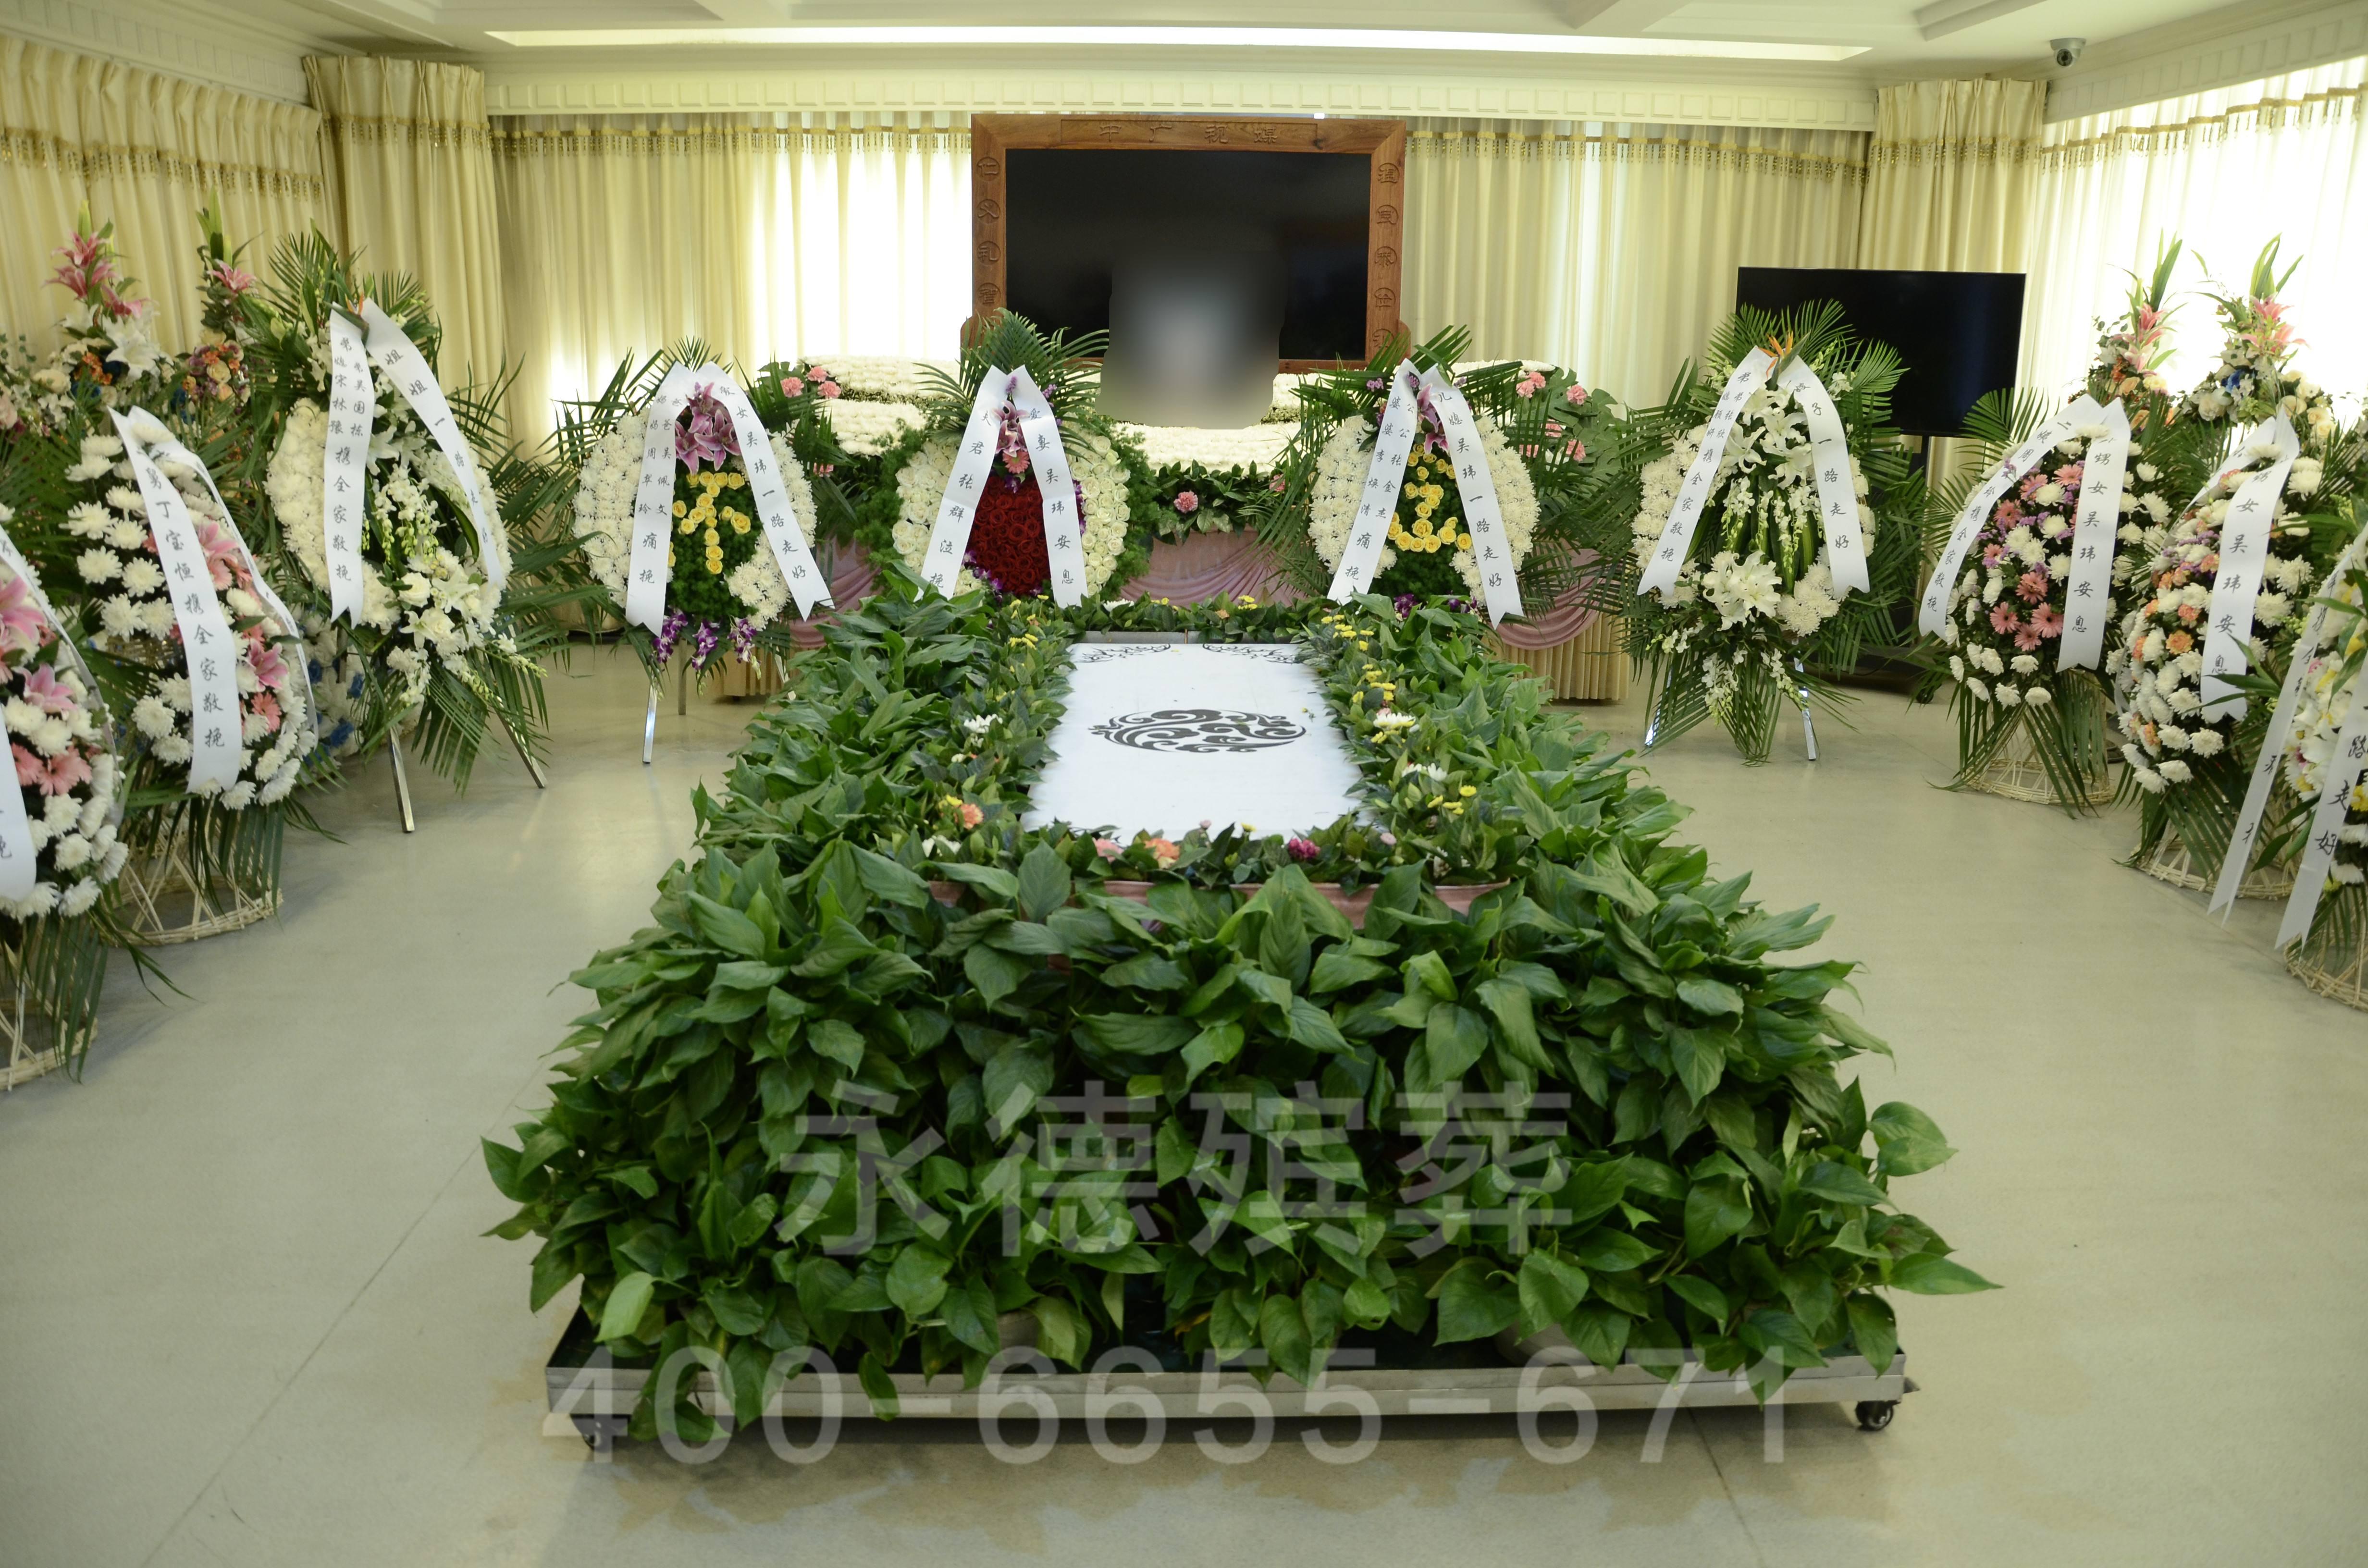 重庆主城区丧事办理 中国安乐堂联系方式 重庆龙炎殡仪服务有限公司